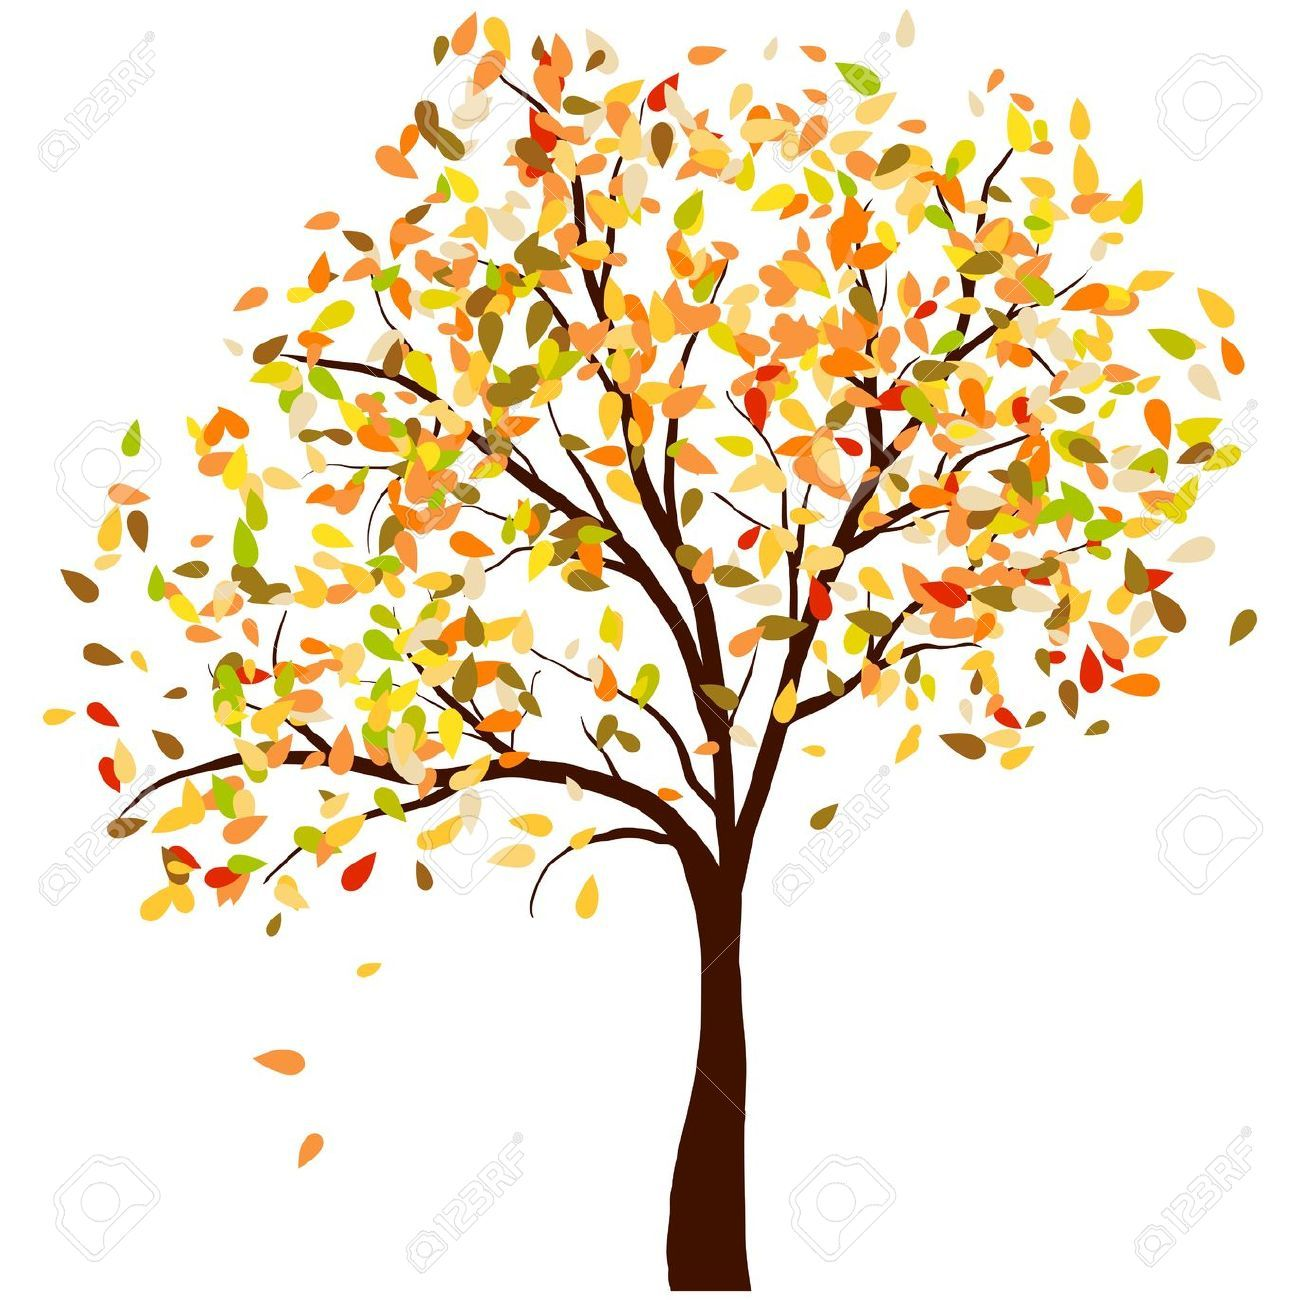 Arboles De Colores Dibujos Buscar Con Google Arboles De Colores árboles En Otoño Ilustración De árbol